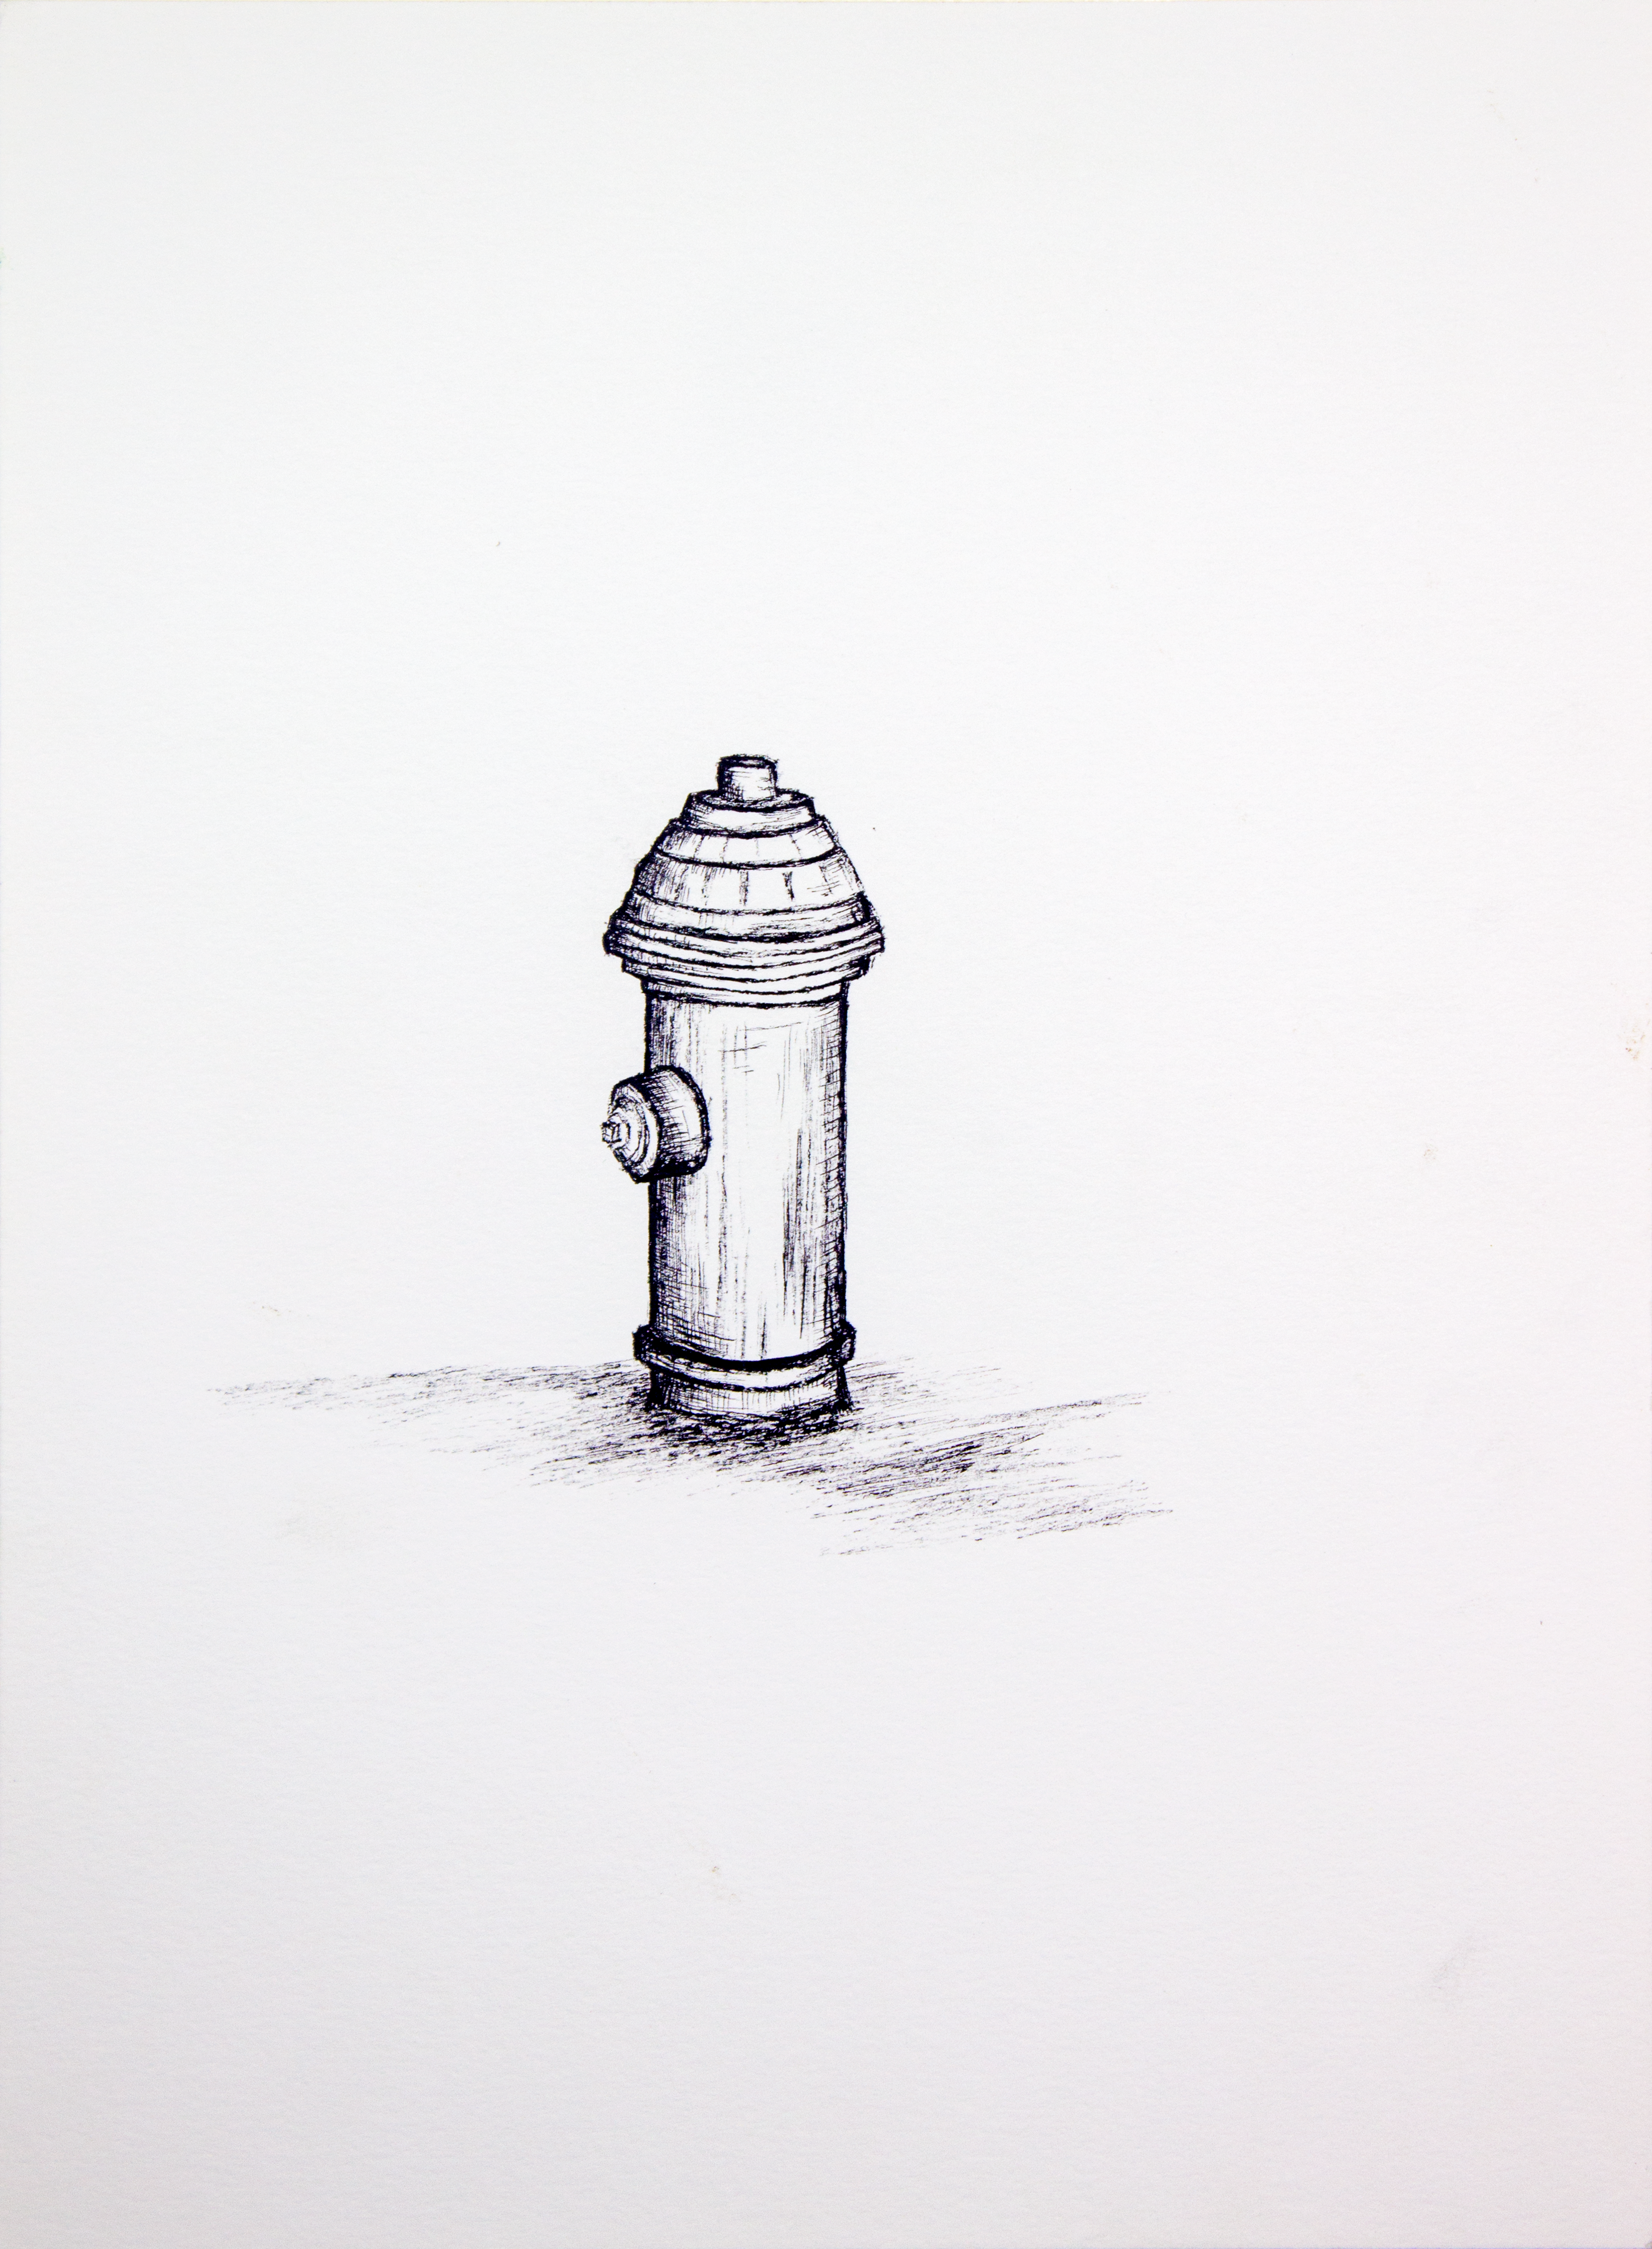 SoHo Hydrant